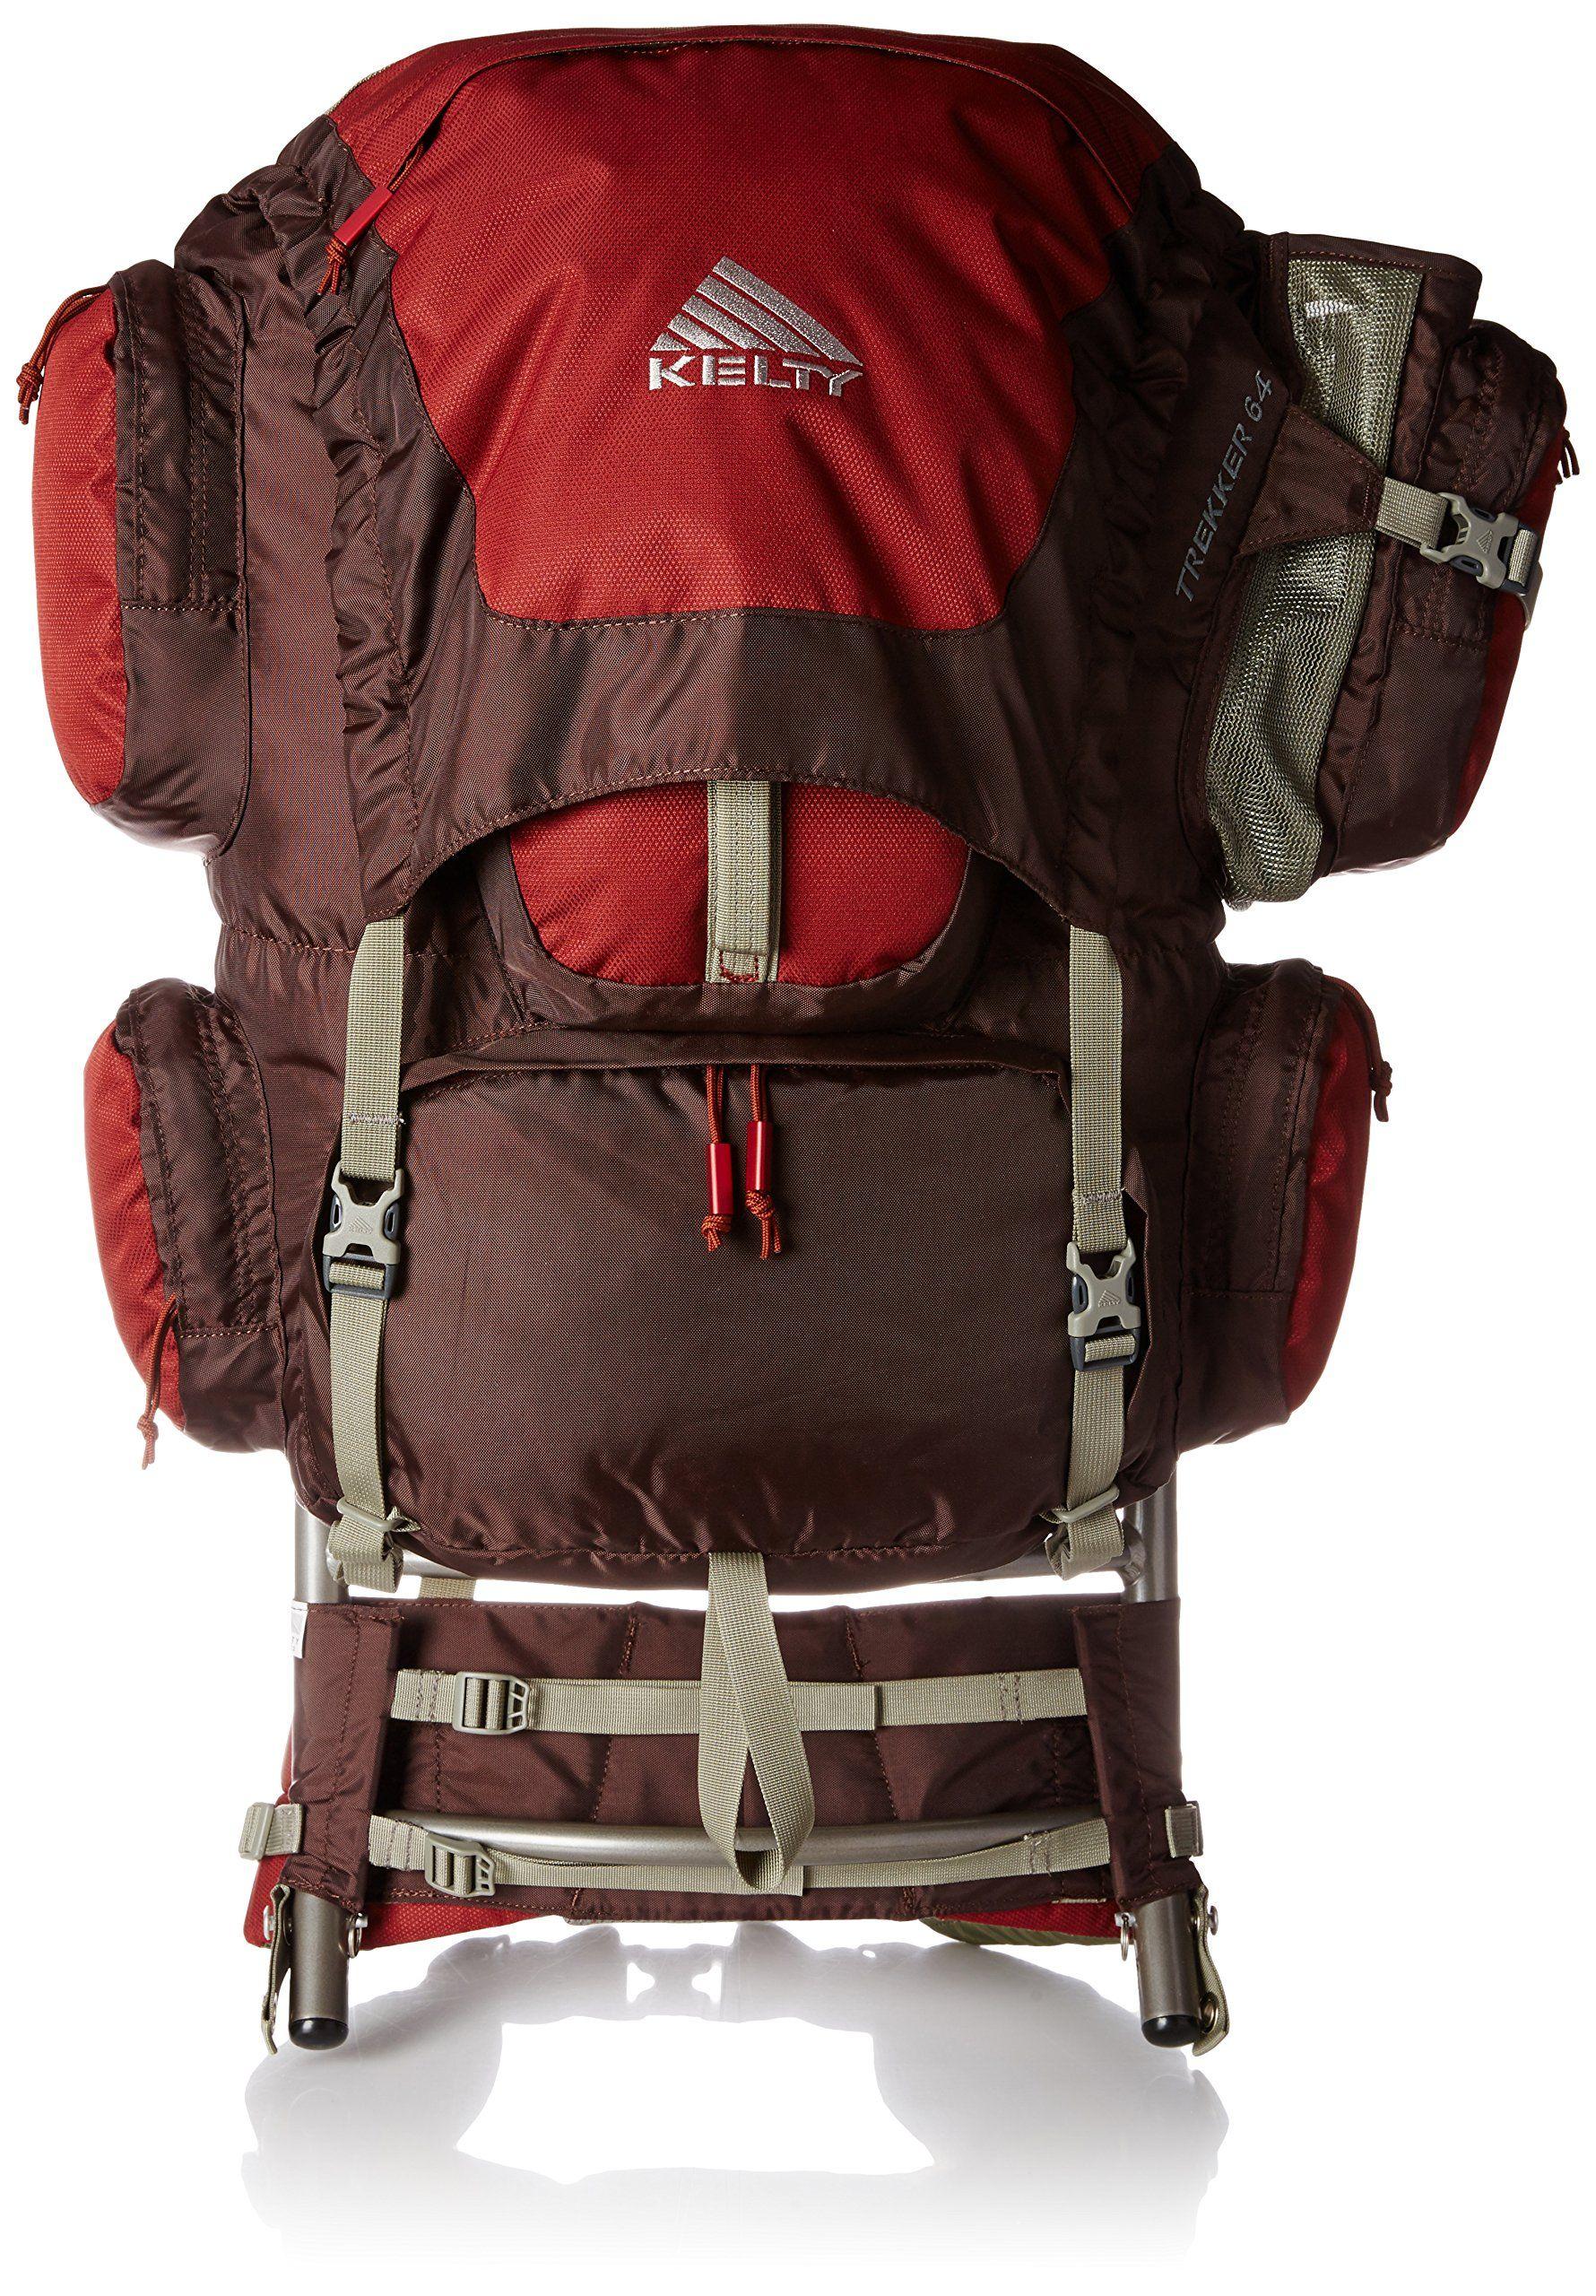 AmazonSmile : Kelty Trekker (65L) External Frame Pack : External ...